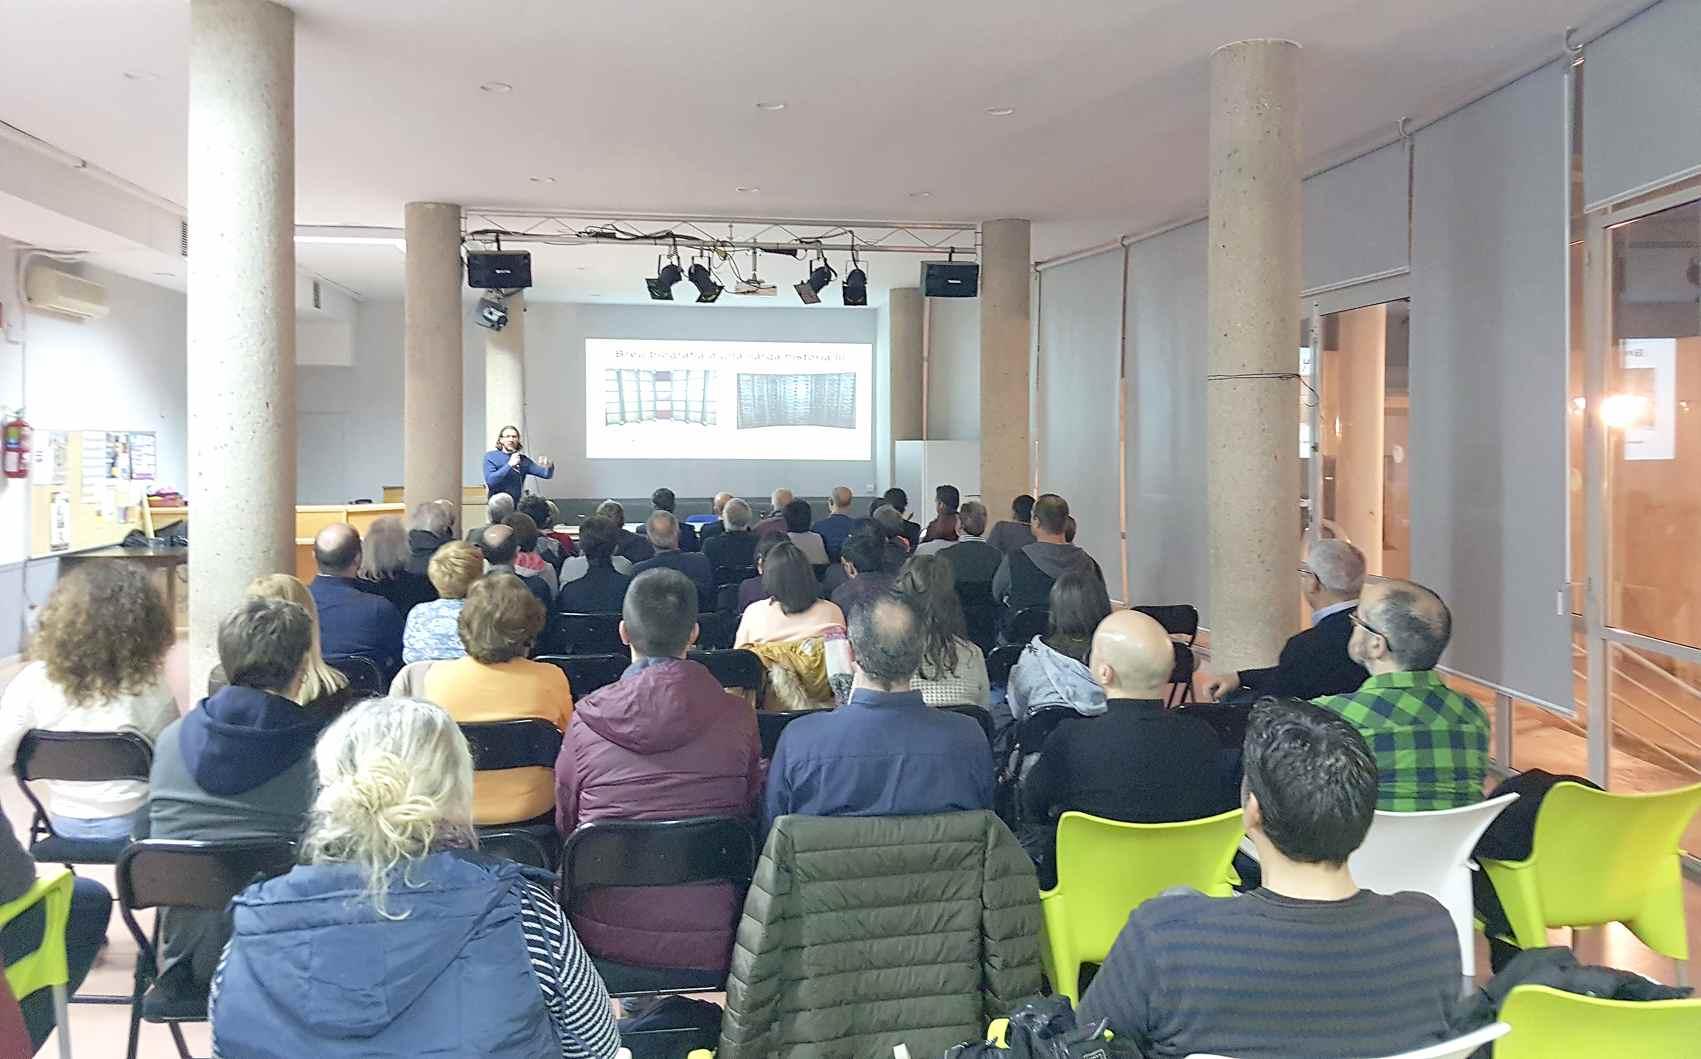 L'historiador castellut Juan Antonio Mira oferix una interessant conferència per a descobrir l'Ermita de la Sang